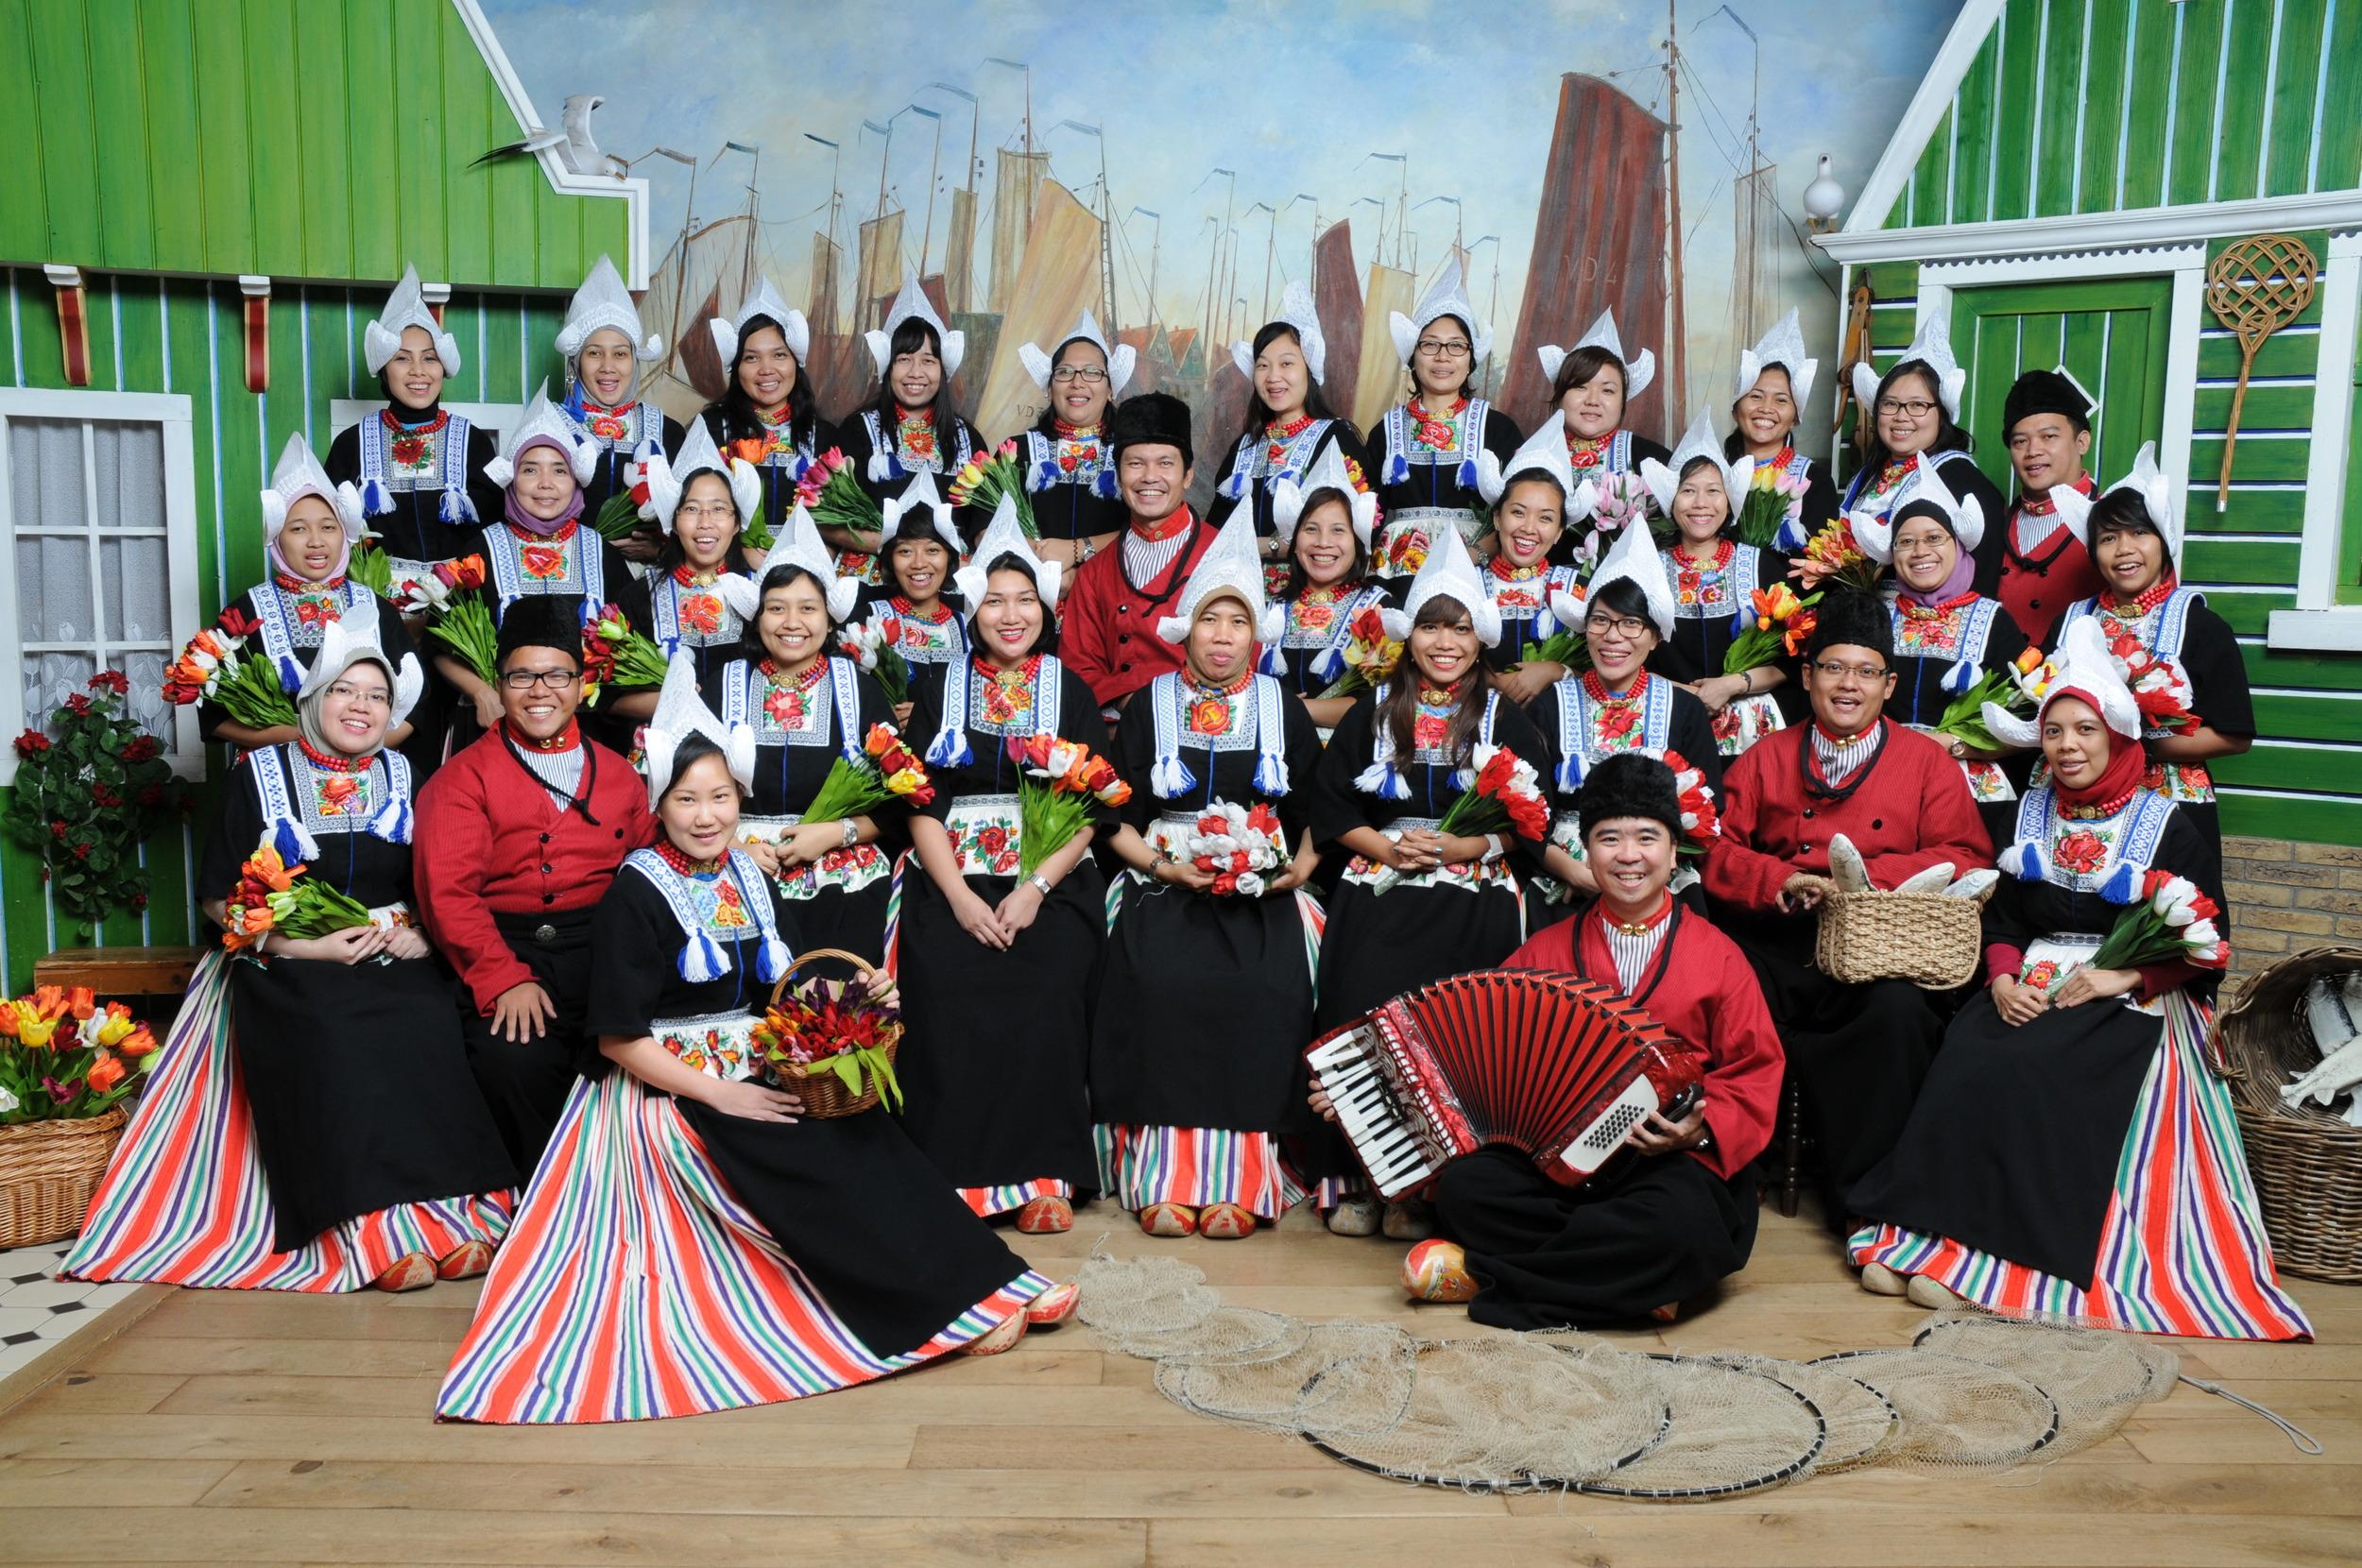 Group foto in Volendam costume